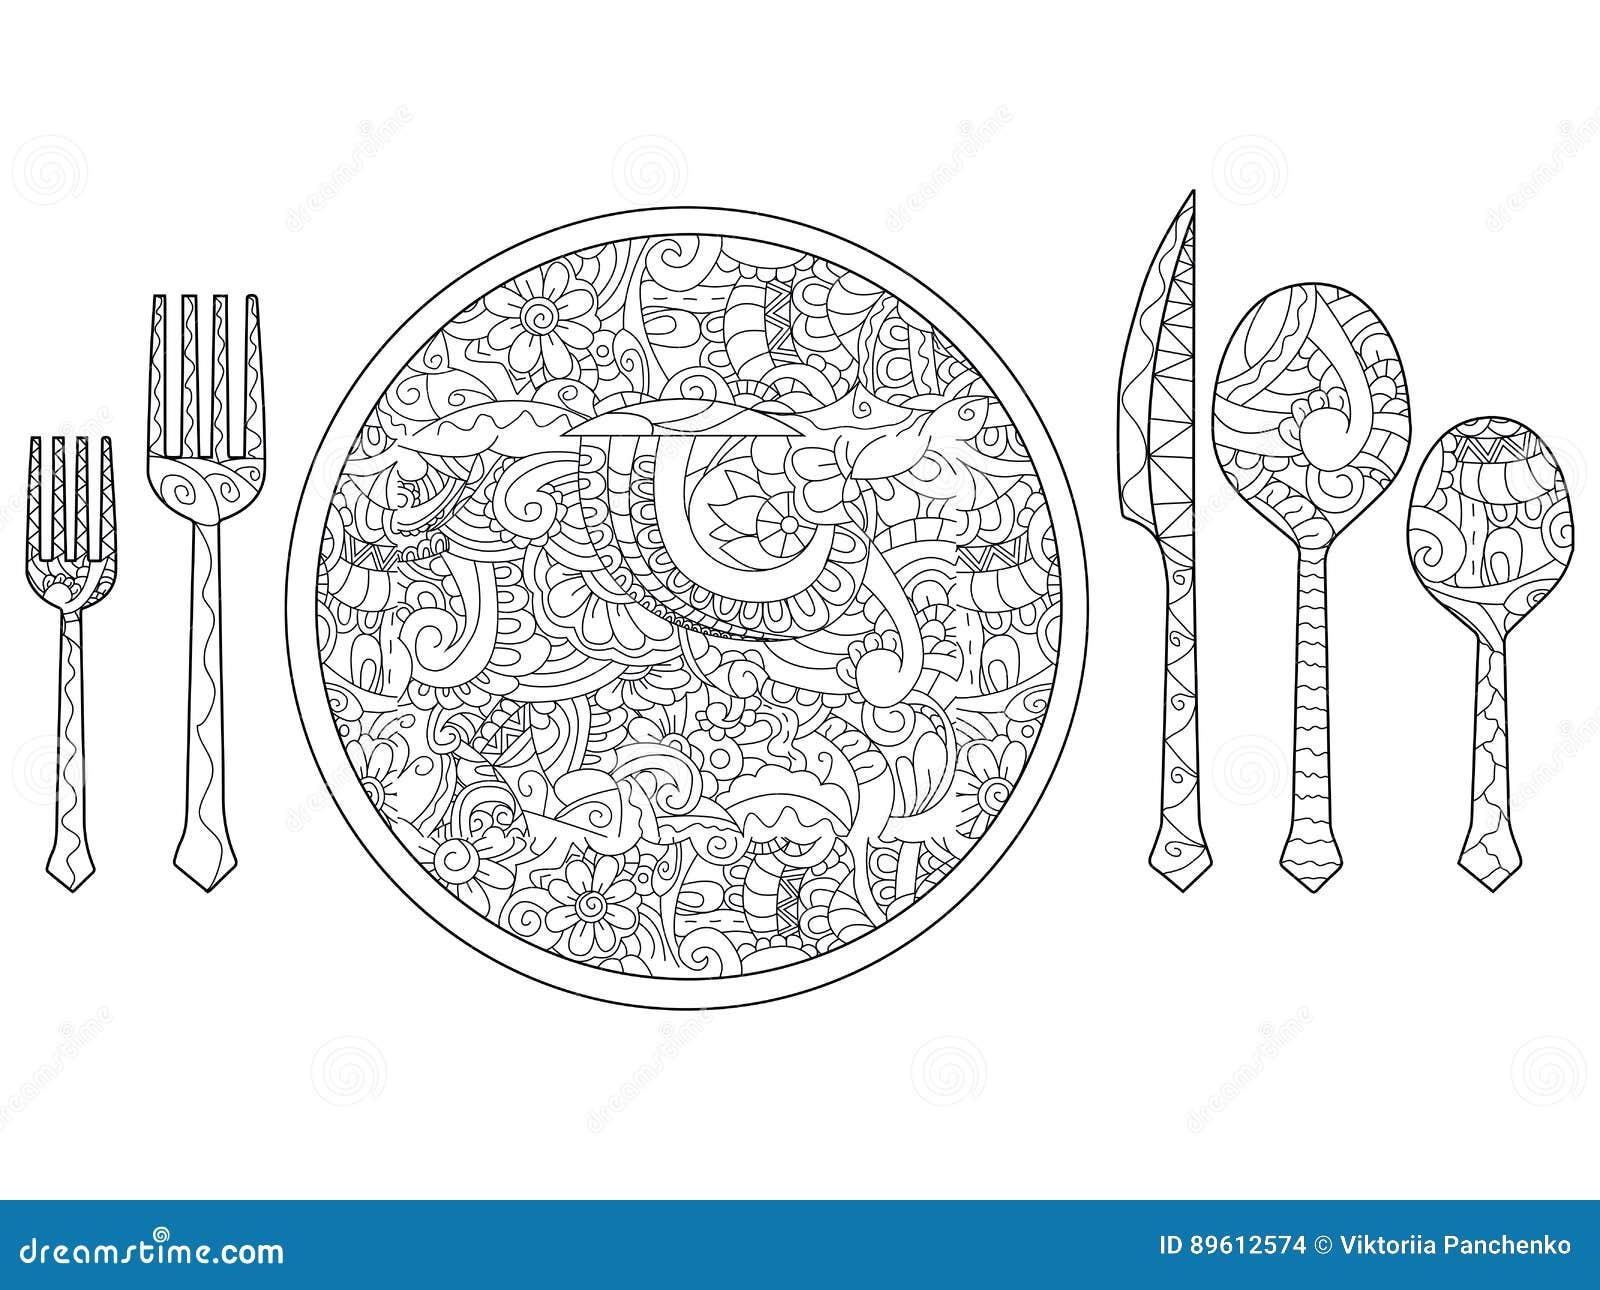 Wektorowa ilustracja talerz, nóż, łyżka i rozwidlenie, Cutlery set